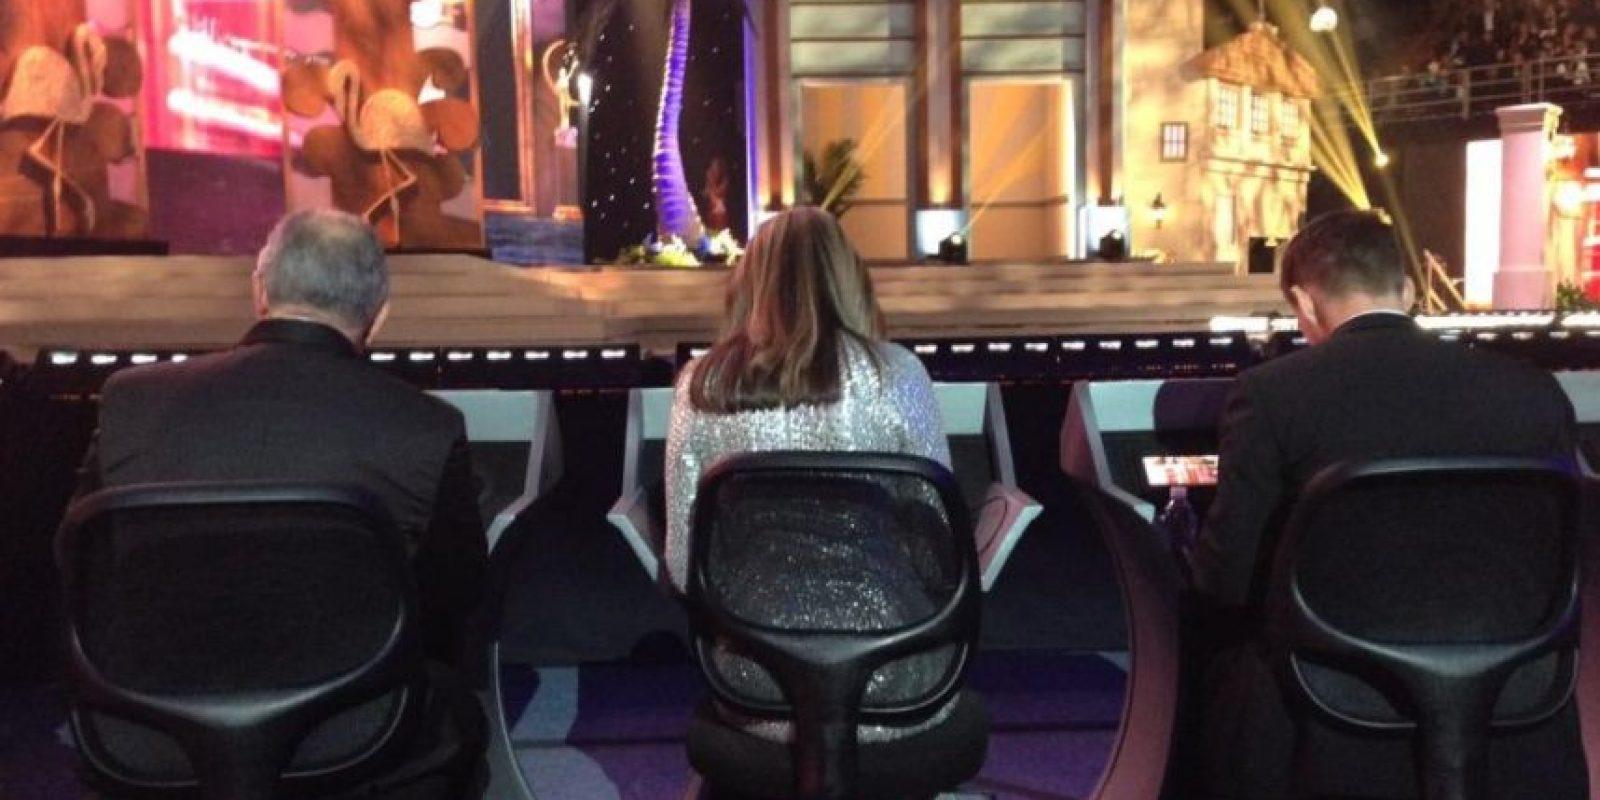 García contó que los 10 últimos jueces tienen información 24 horas antes del evento. Que no se les permite hablar sobre las 5 finalistas y que todo es por votación. Foto:Nina García/Twitter